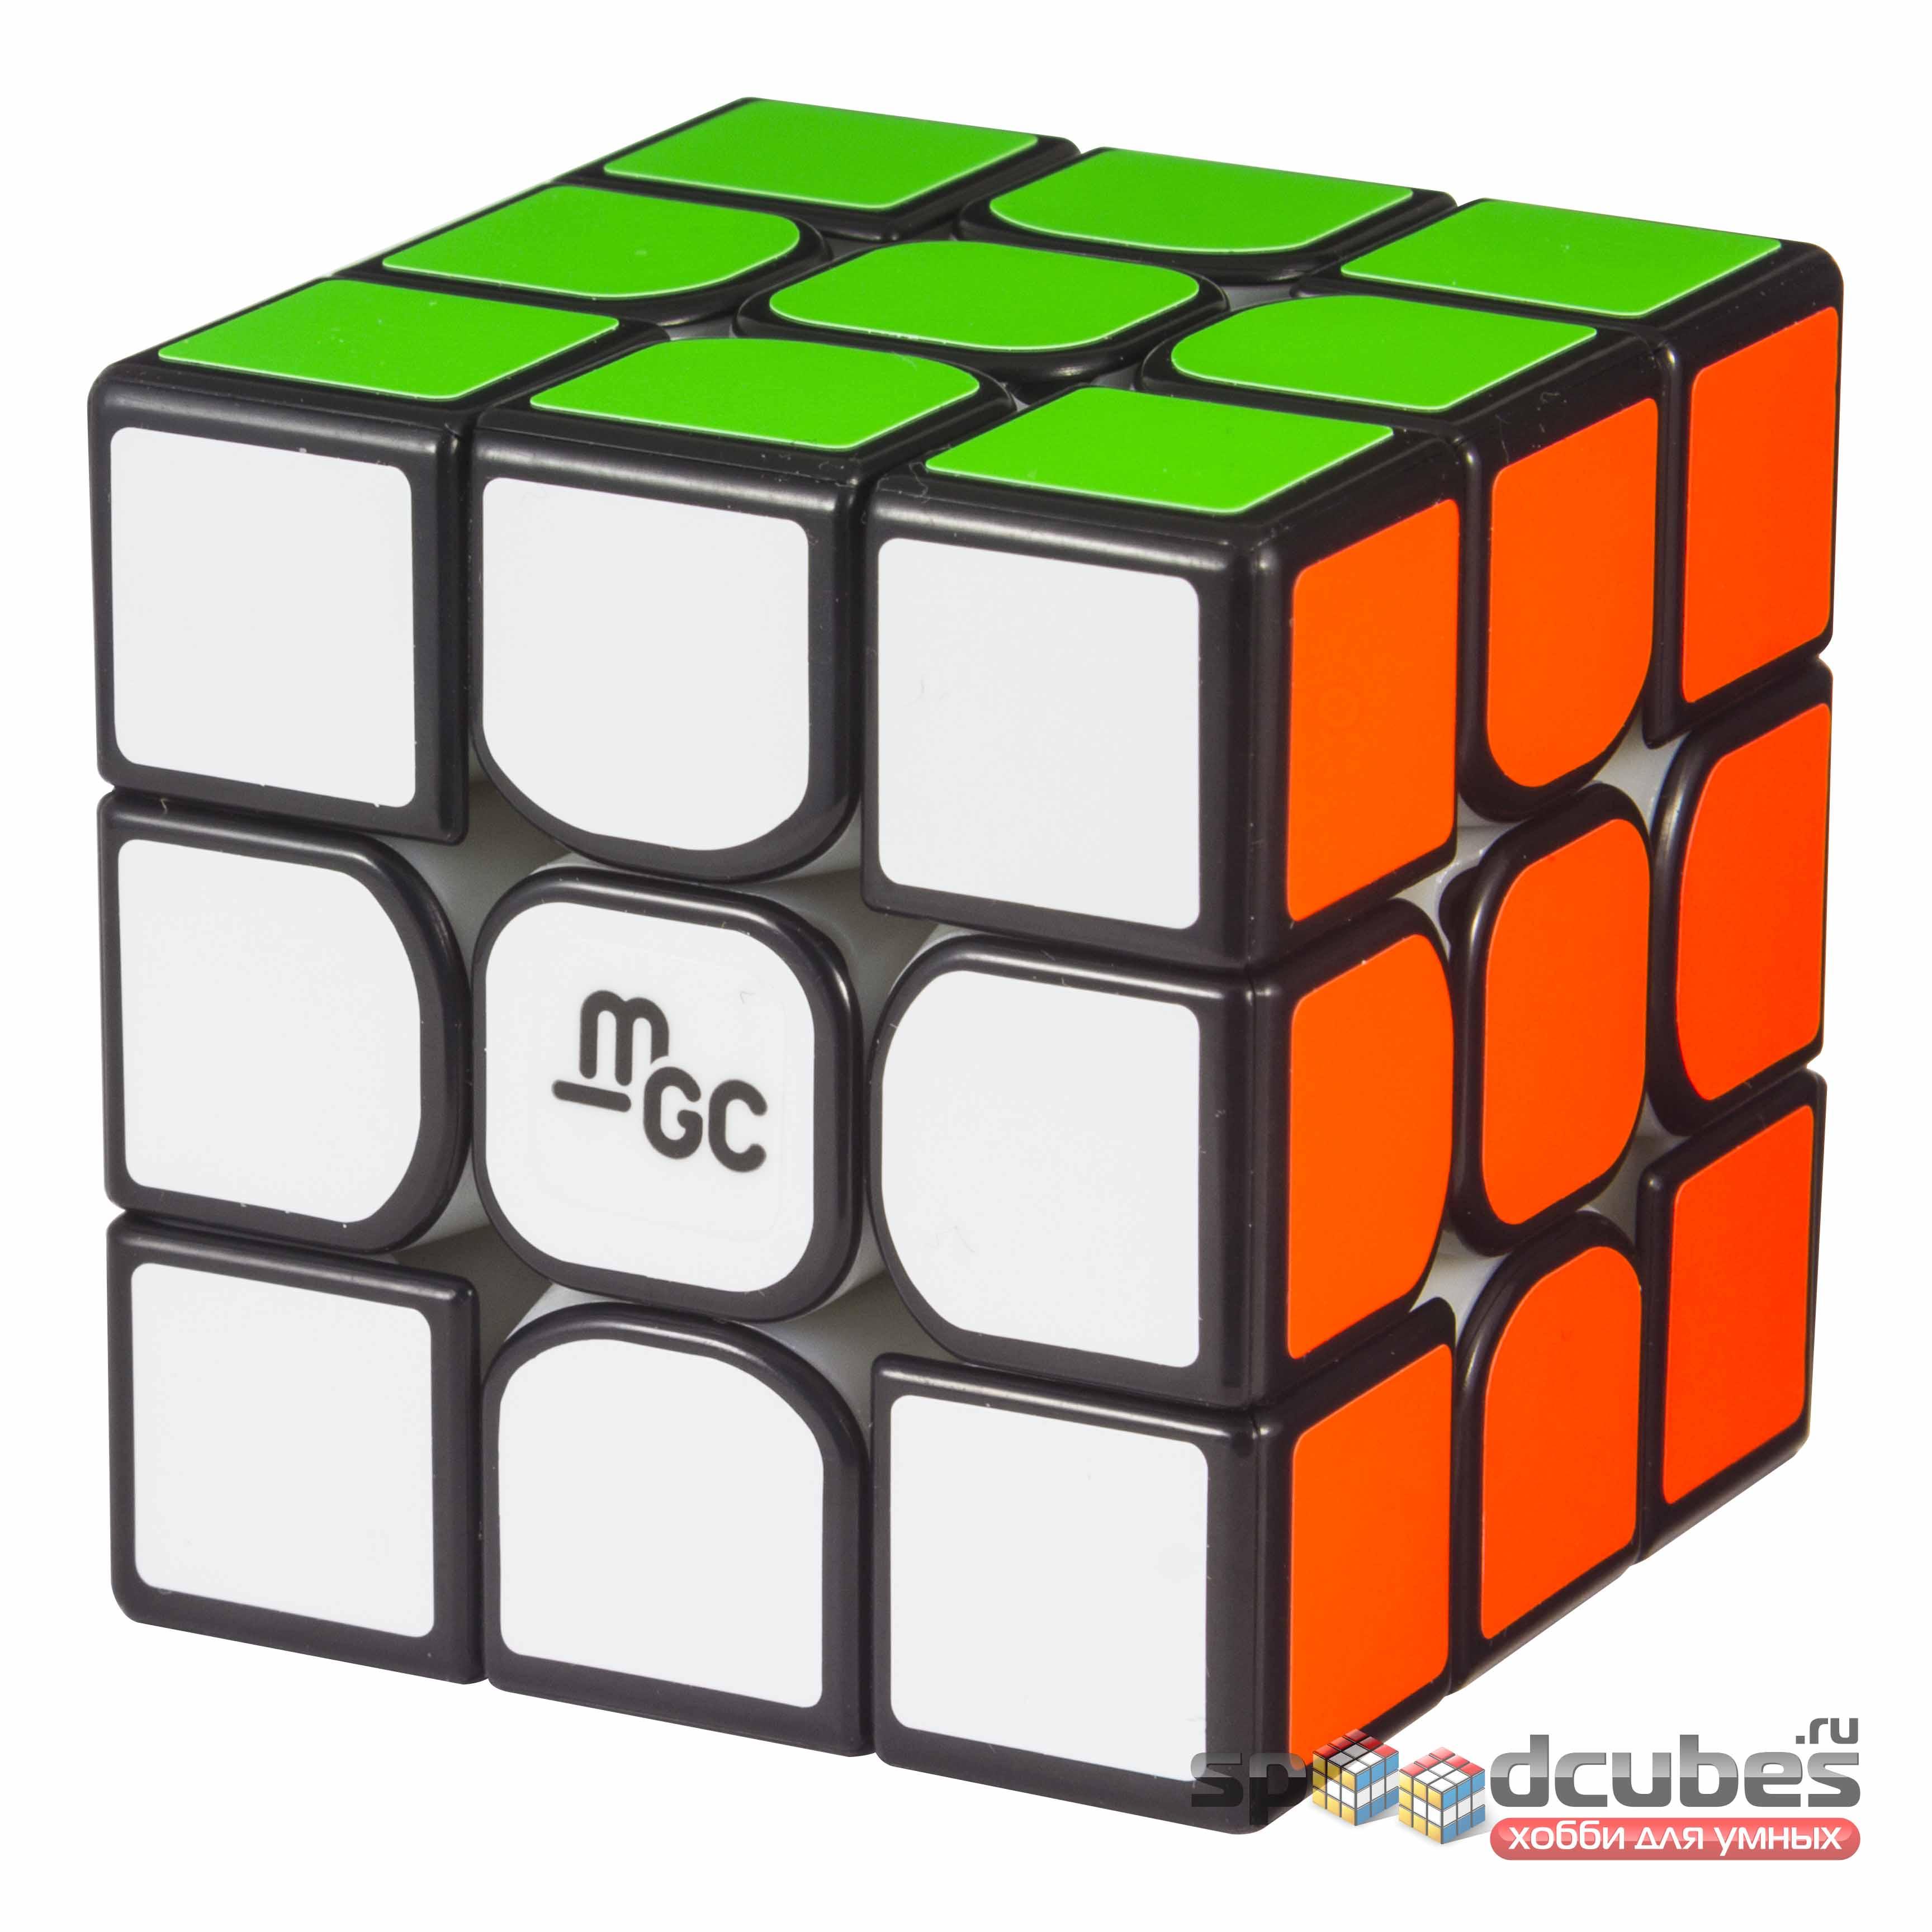 YJ MGC 3x3x3 V2 Black 2